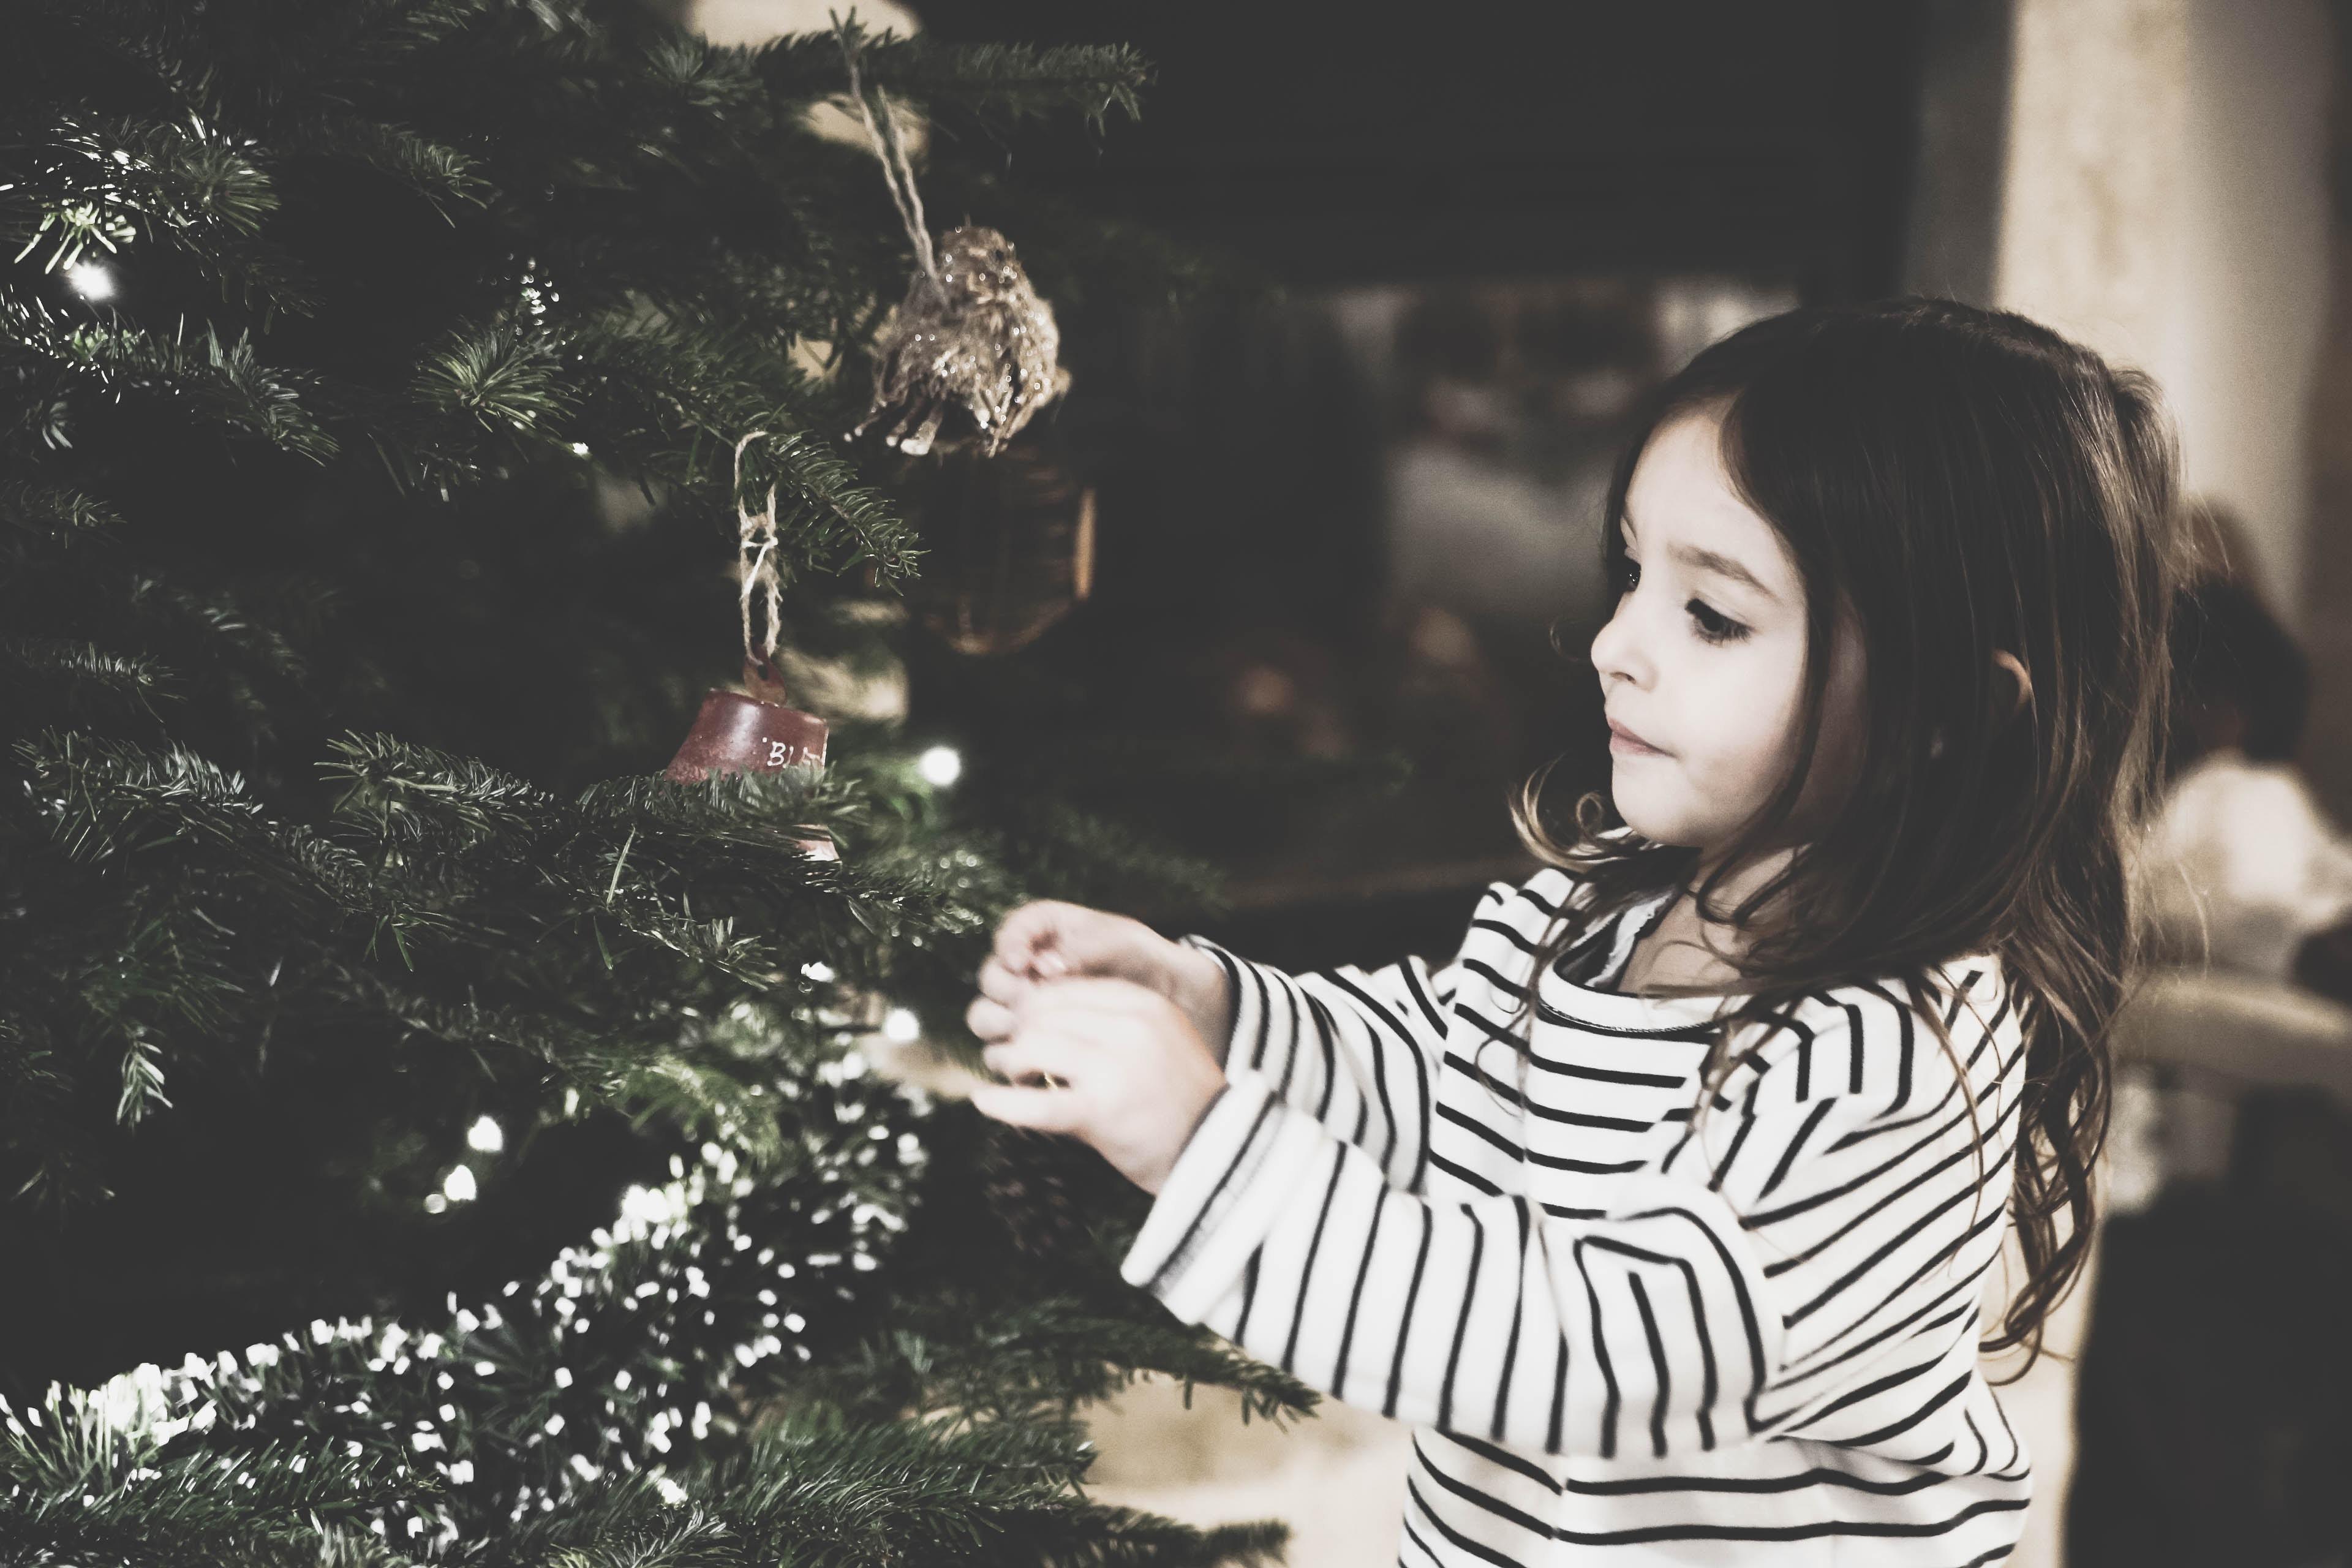 Weihnachtsbaum: So holt ihr euch keine Zecken ins Haus!